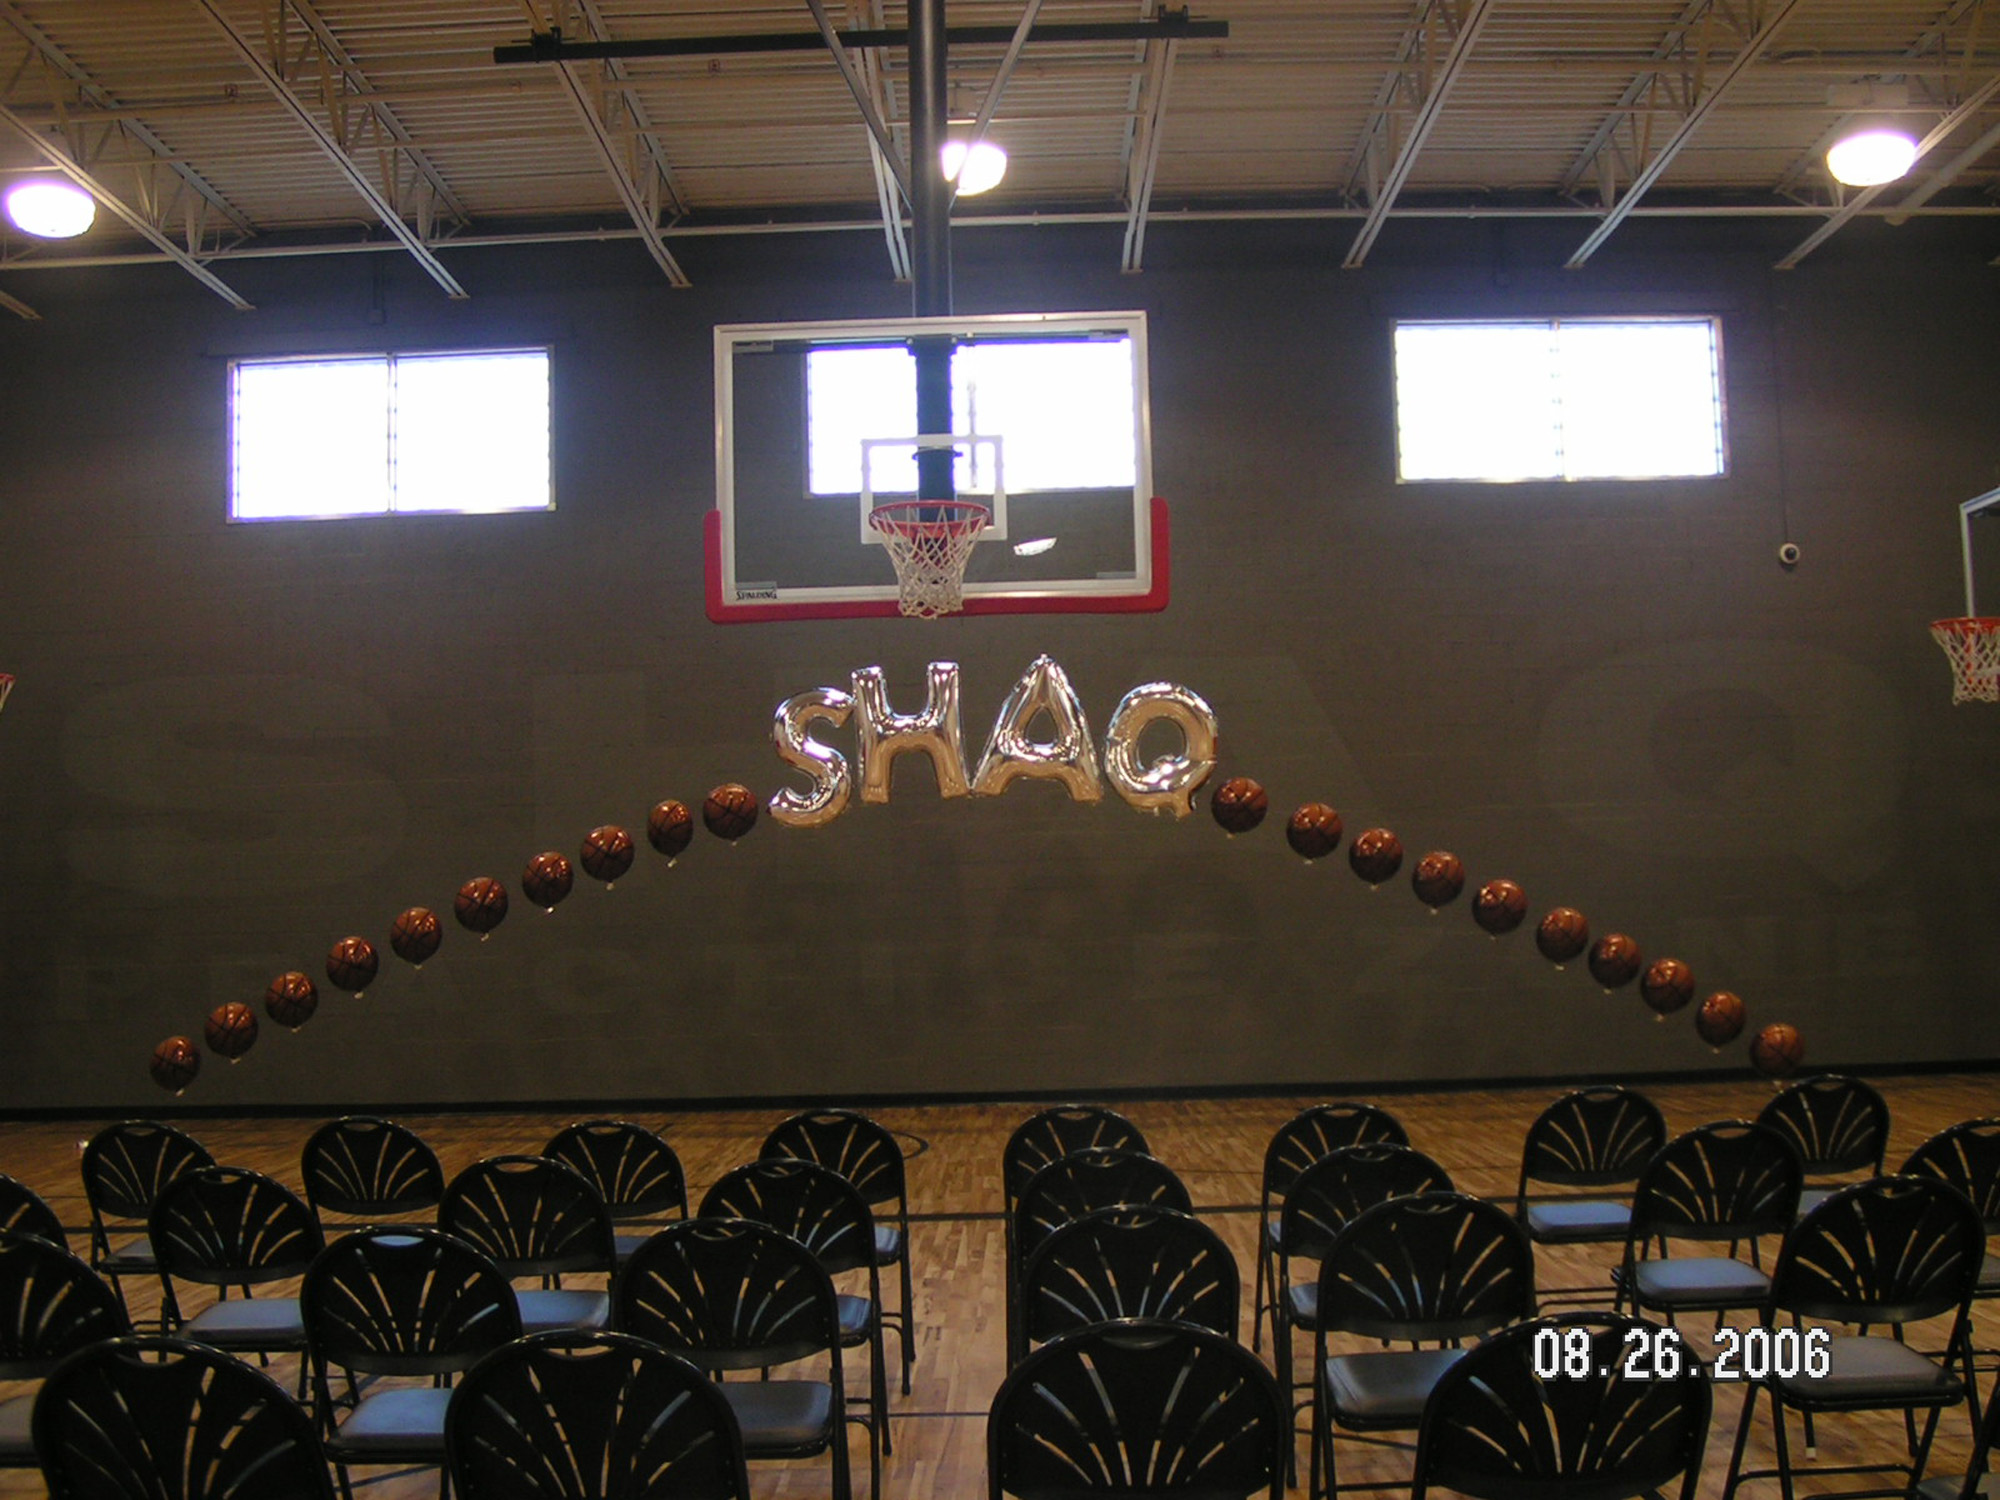 fitness center shaq 003 (2).jpg